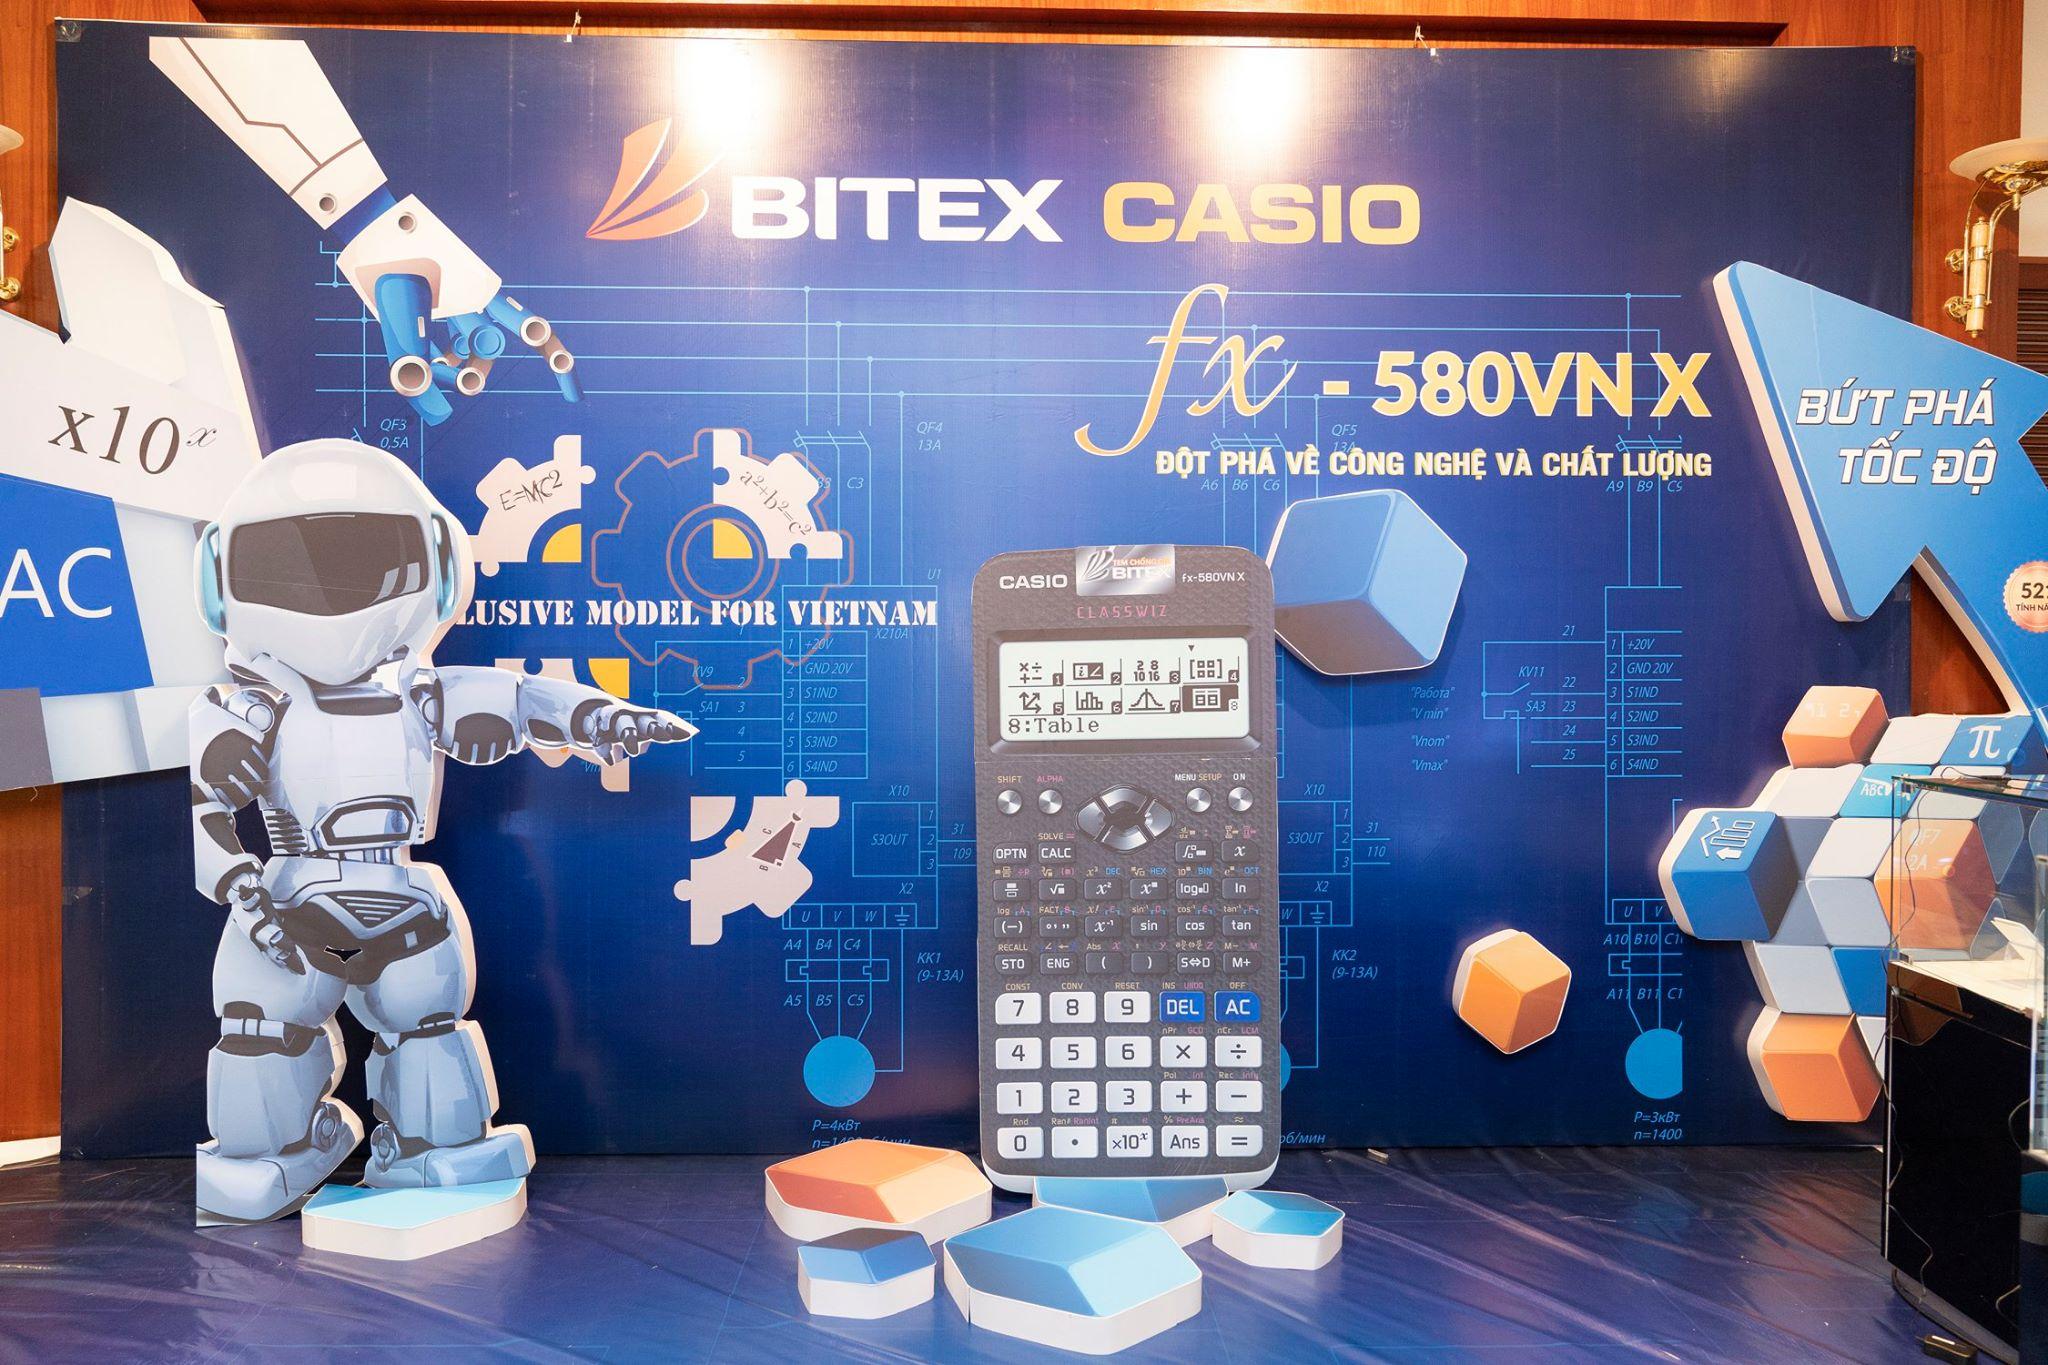 TỔ CHỨC HỘI NGHỊ KHÁCH HÀNG MIỀN NAM & MIỀN BẮC – BITEX CASIO FX 580 VNX